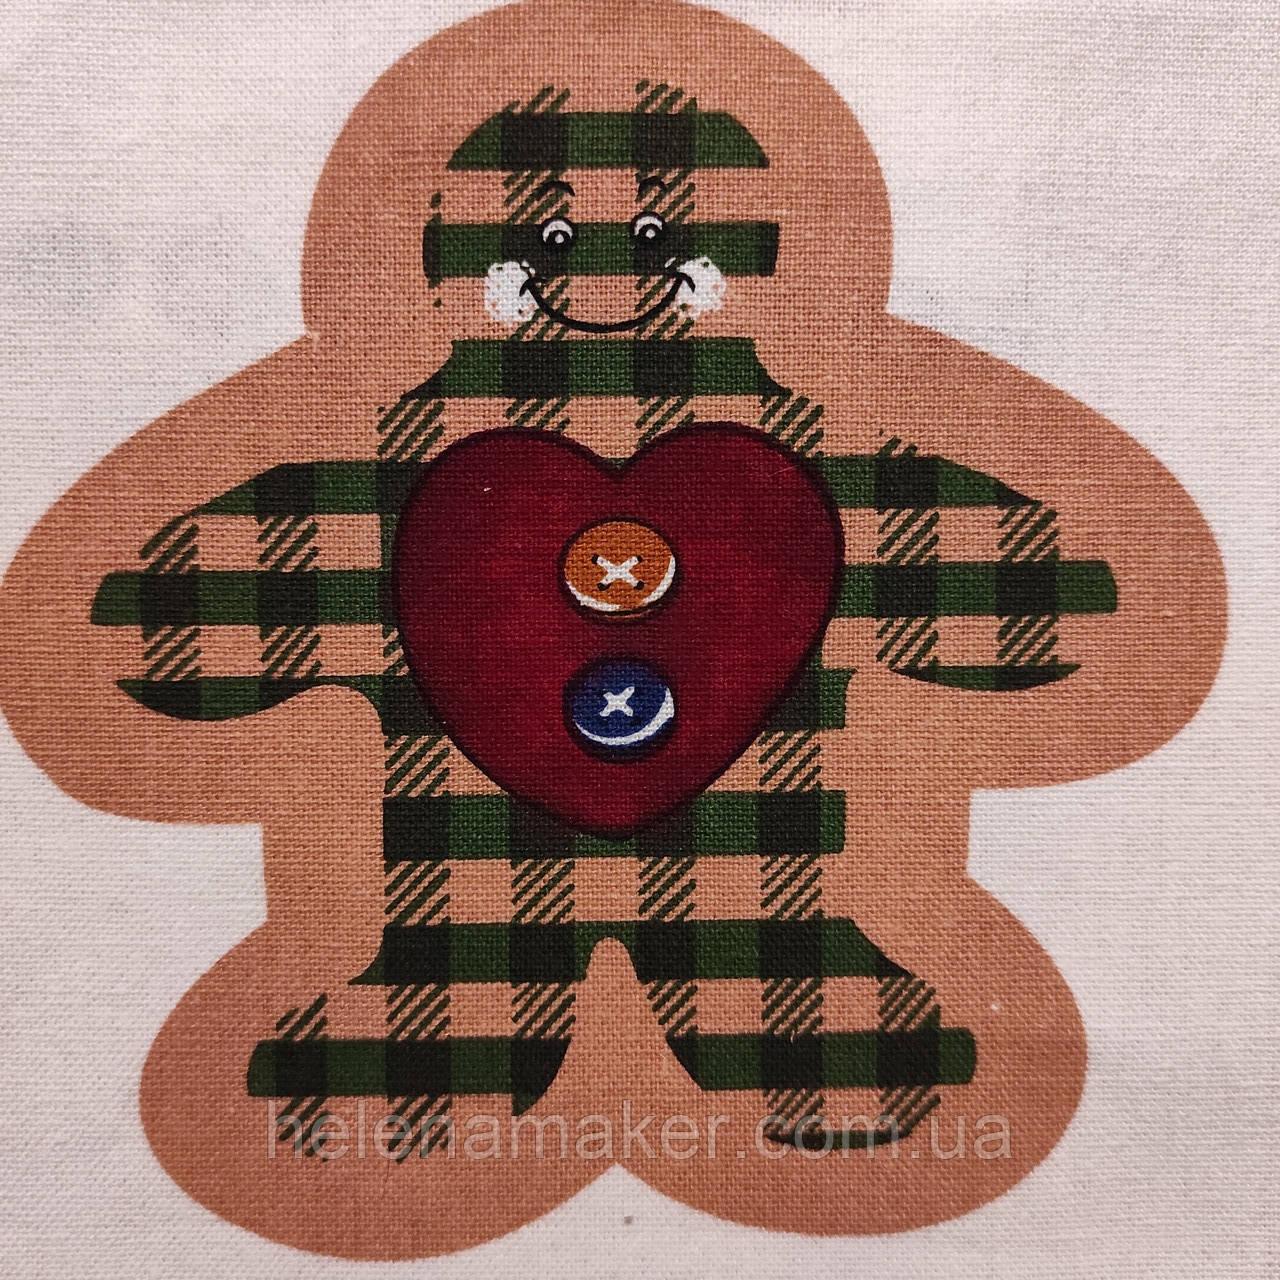 Набор для творчества Елочная игрушка из ткани Пряничный имбирный человечек 12*13 см (подробные фото внутри)